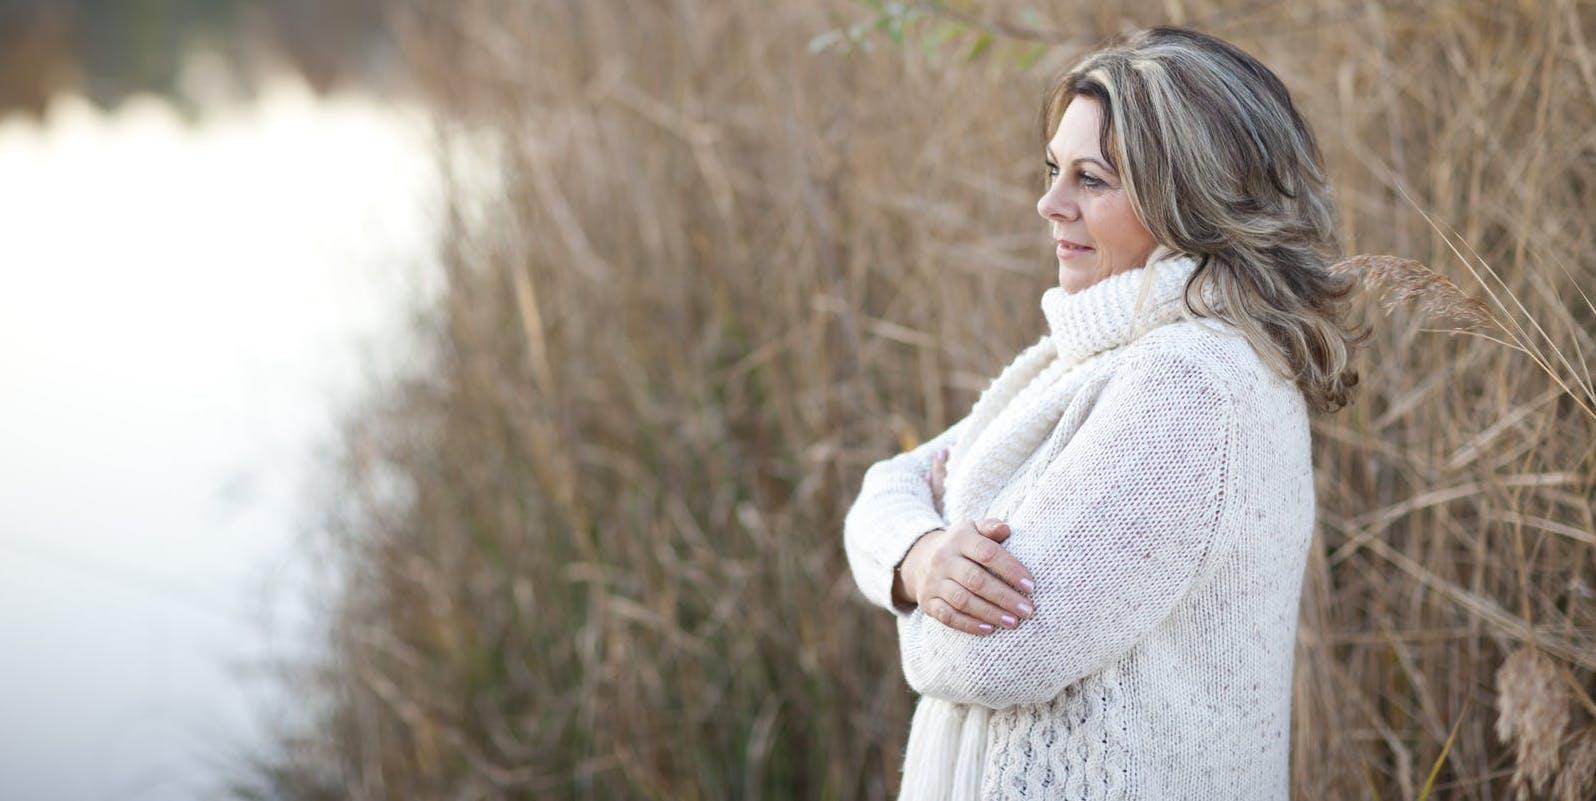 Los 10 mejores consejos para perder peso con bajos carbohidratos para mujeres mayores de 40